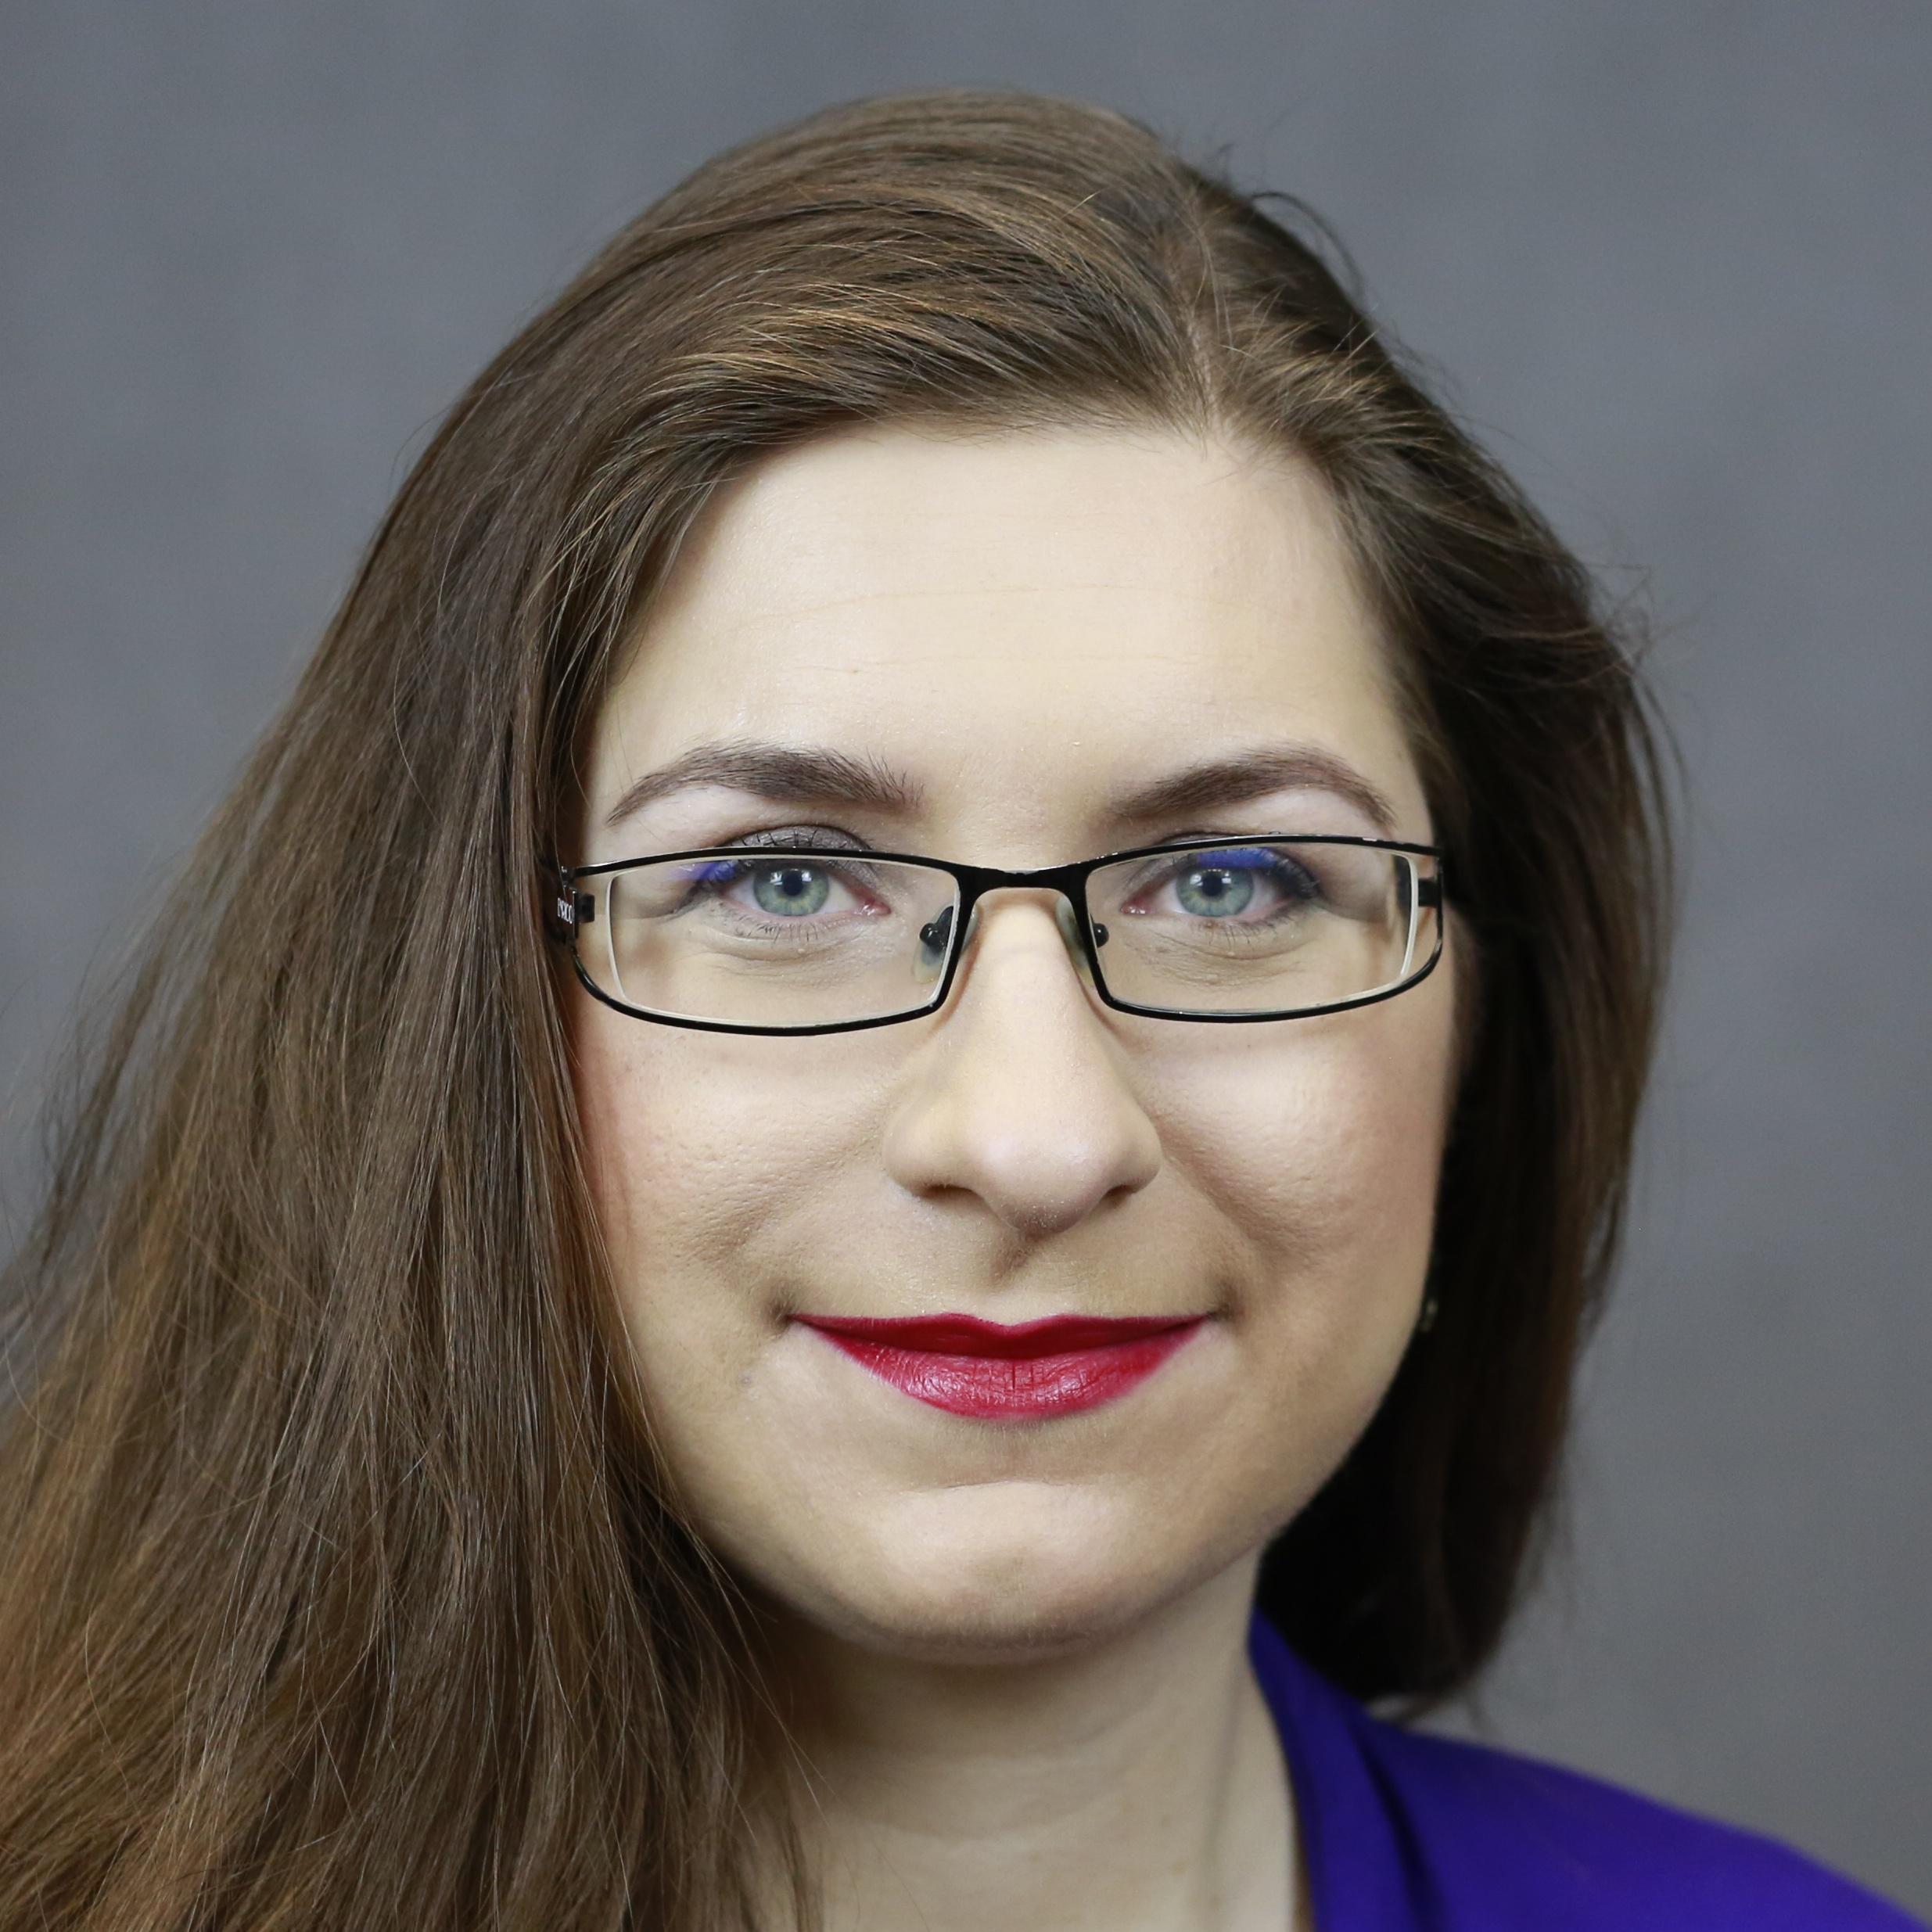 Lenka Weingartová, Linguist